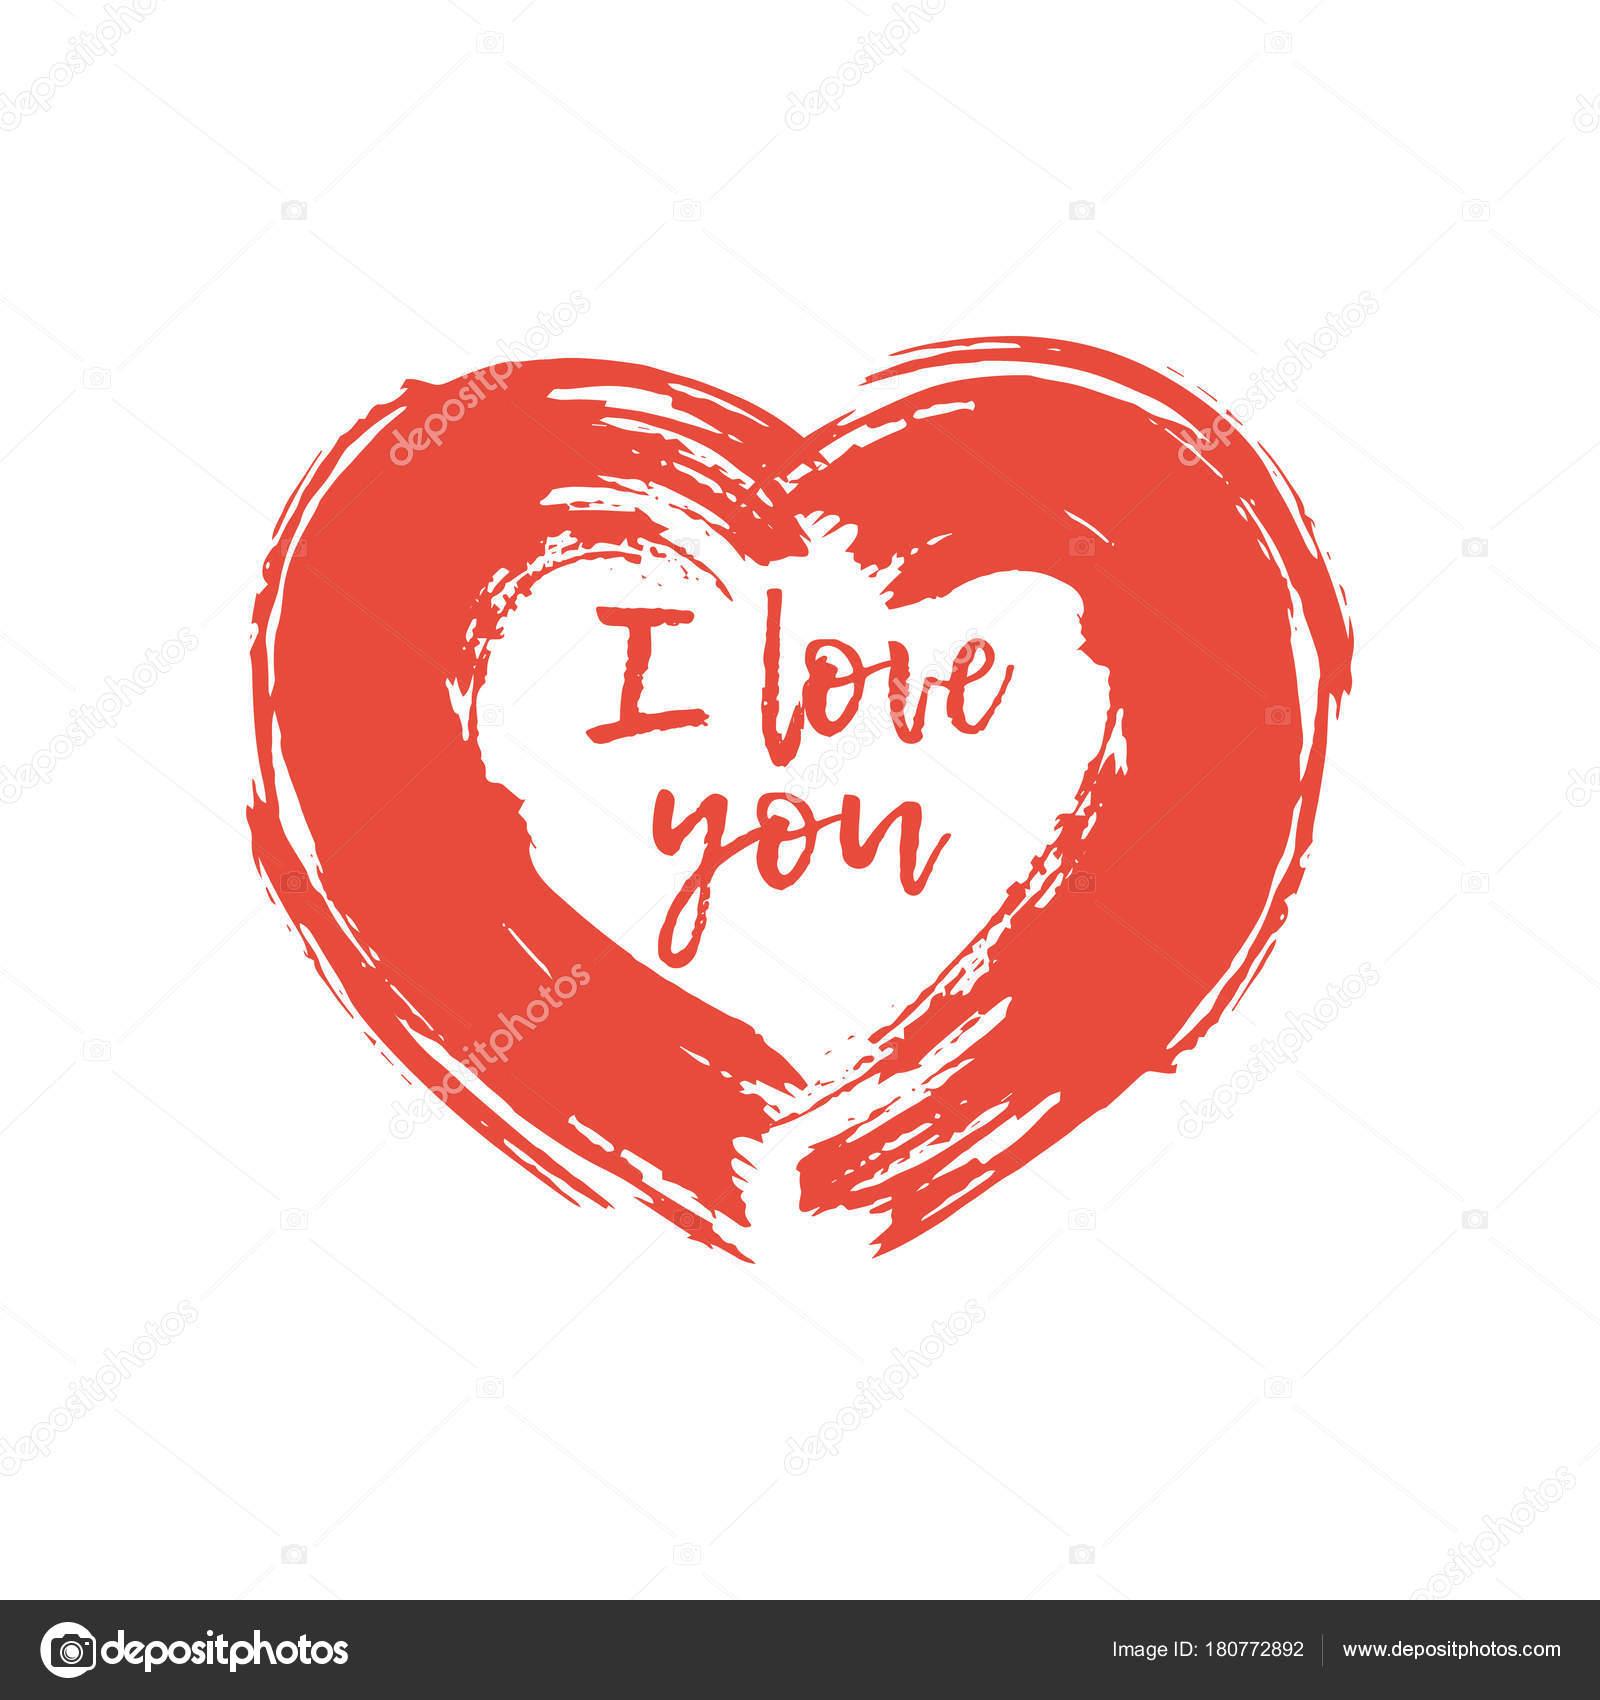 Desenho De Coração Vermelho Pintado Pinceladas Com Um Texto Que Eu